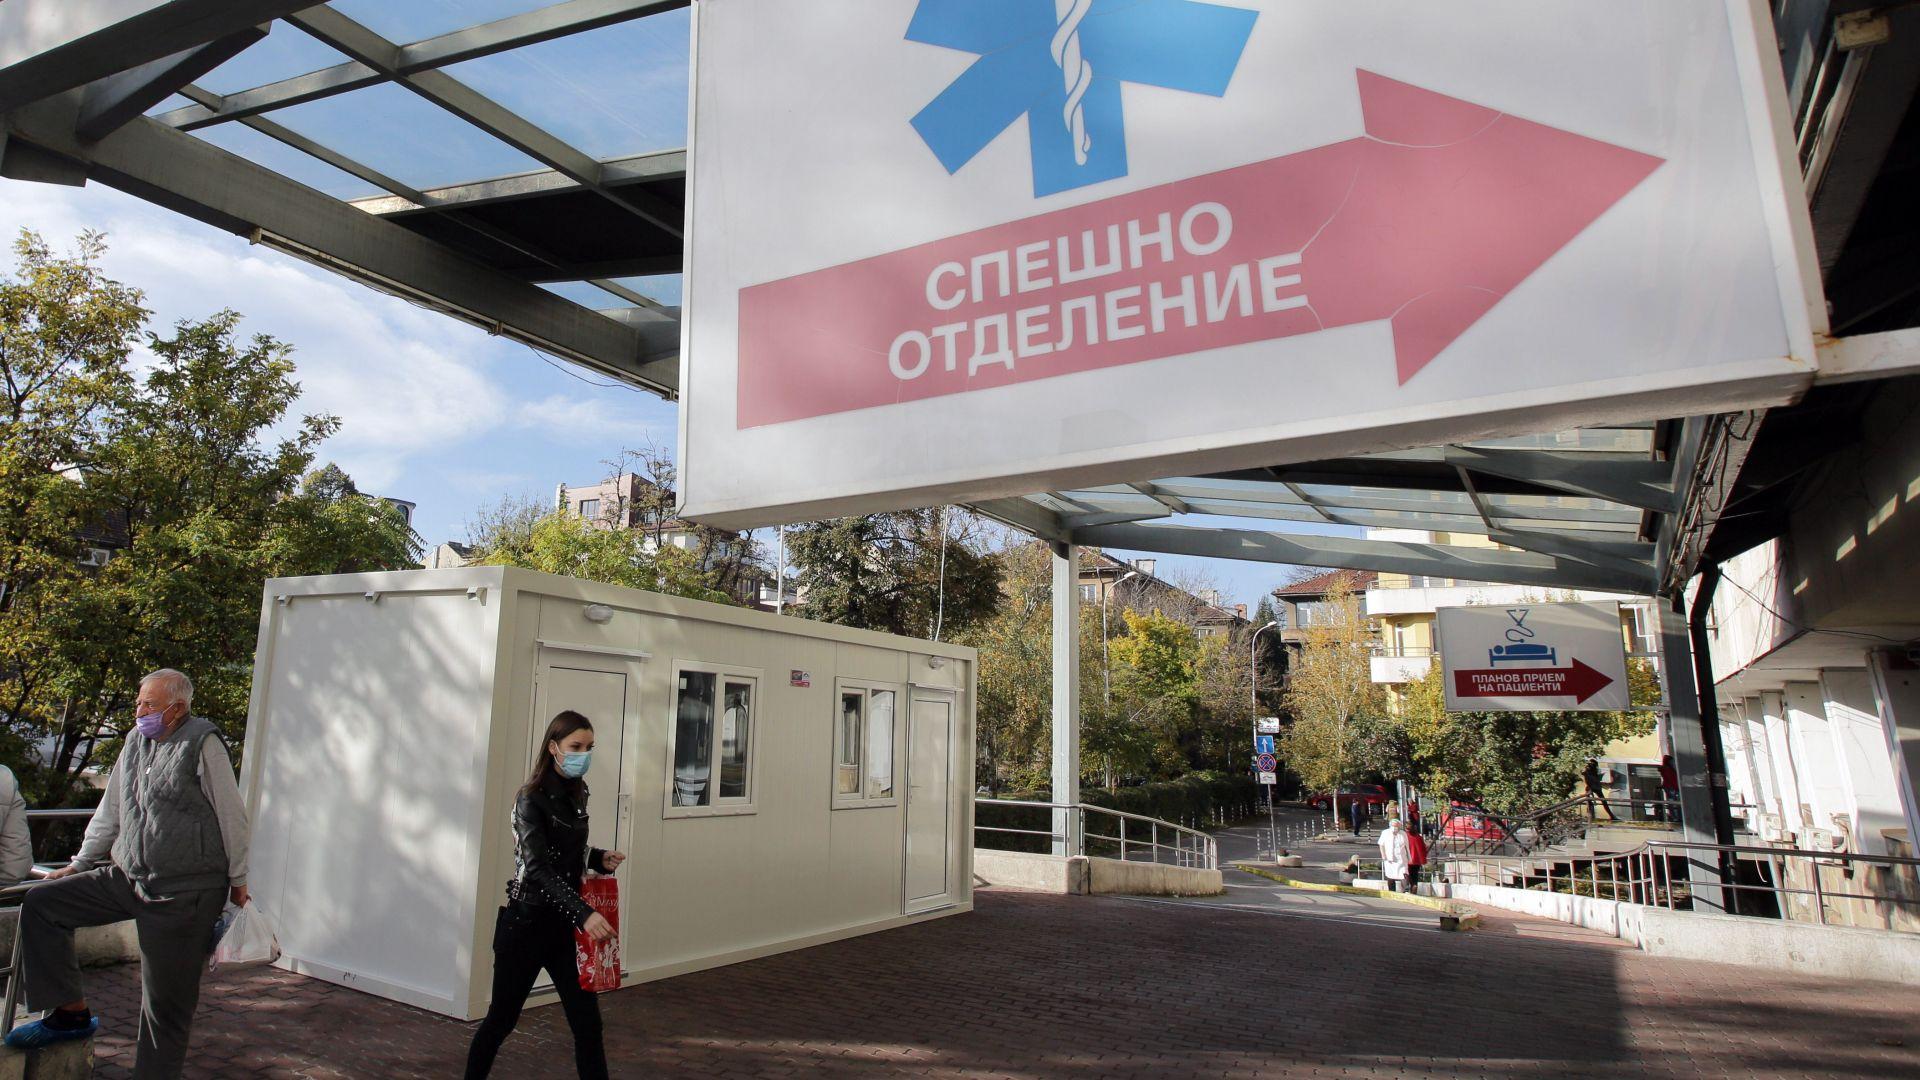 Болниците могат да се включат в програмата за справяне с пандемията